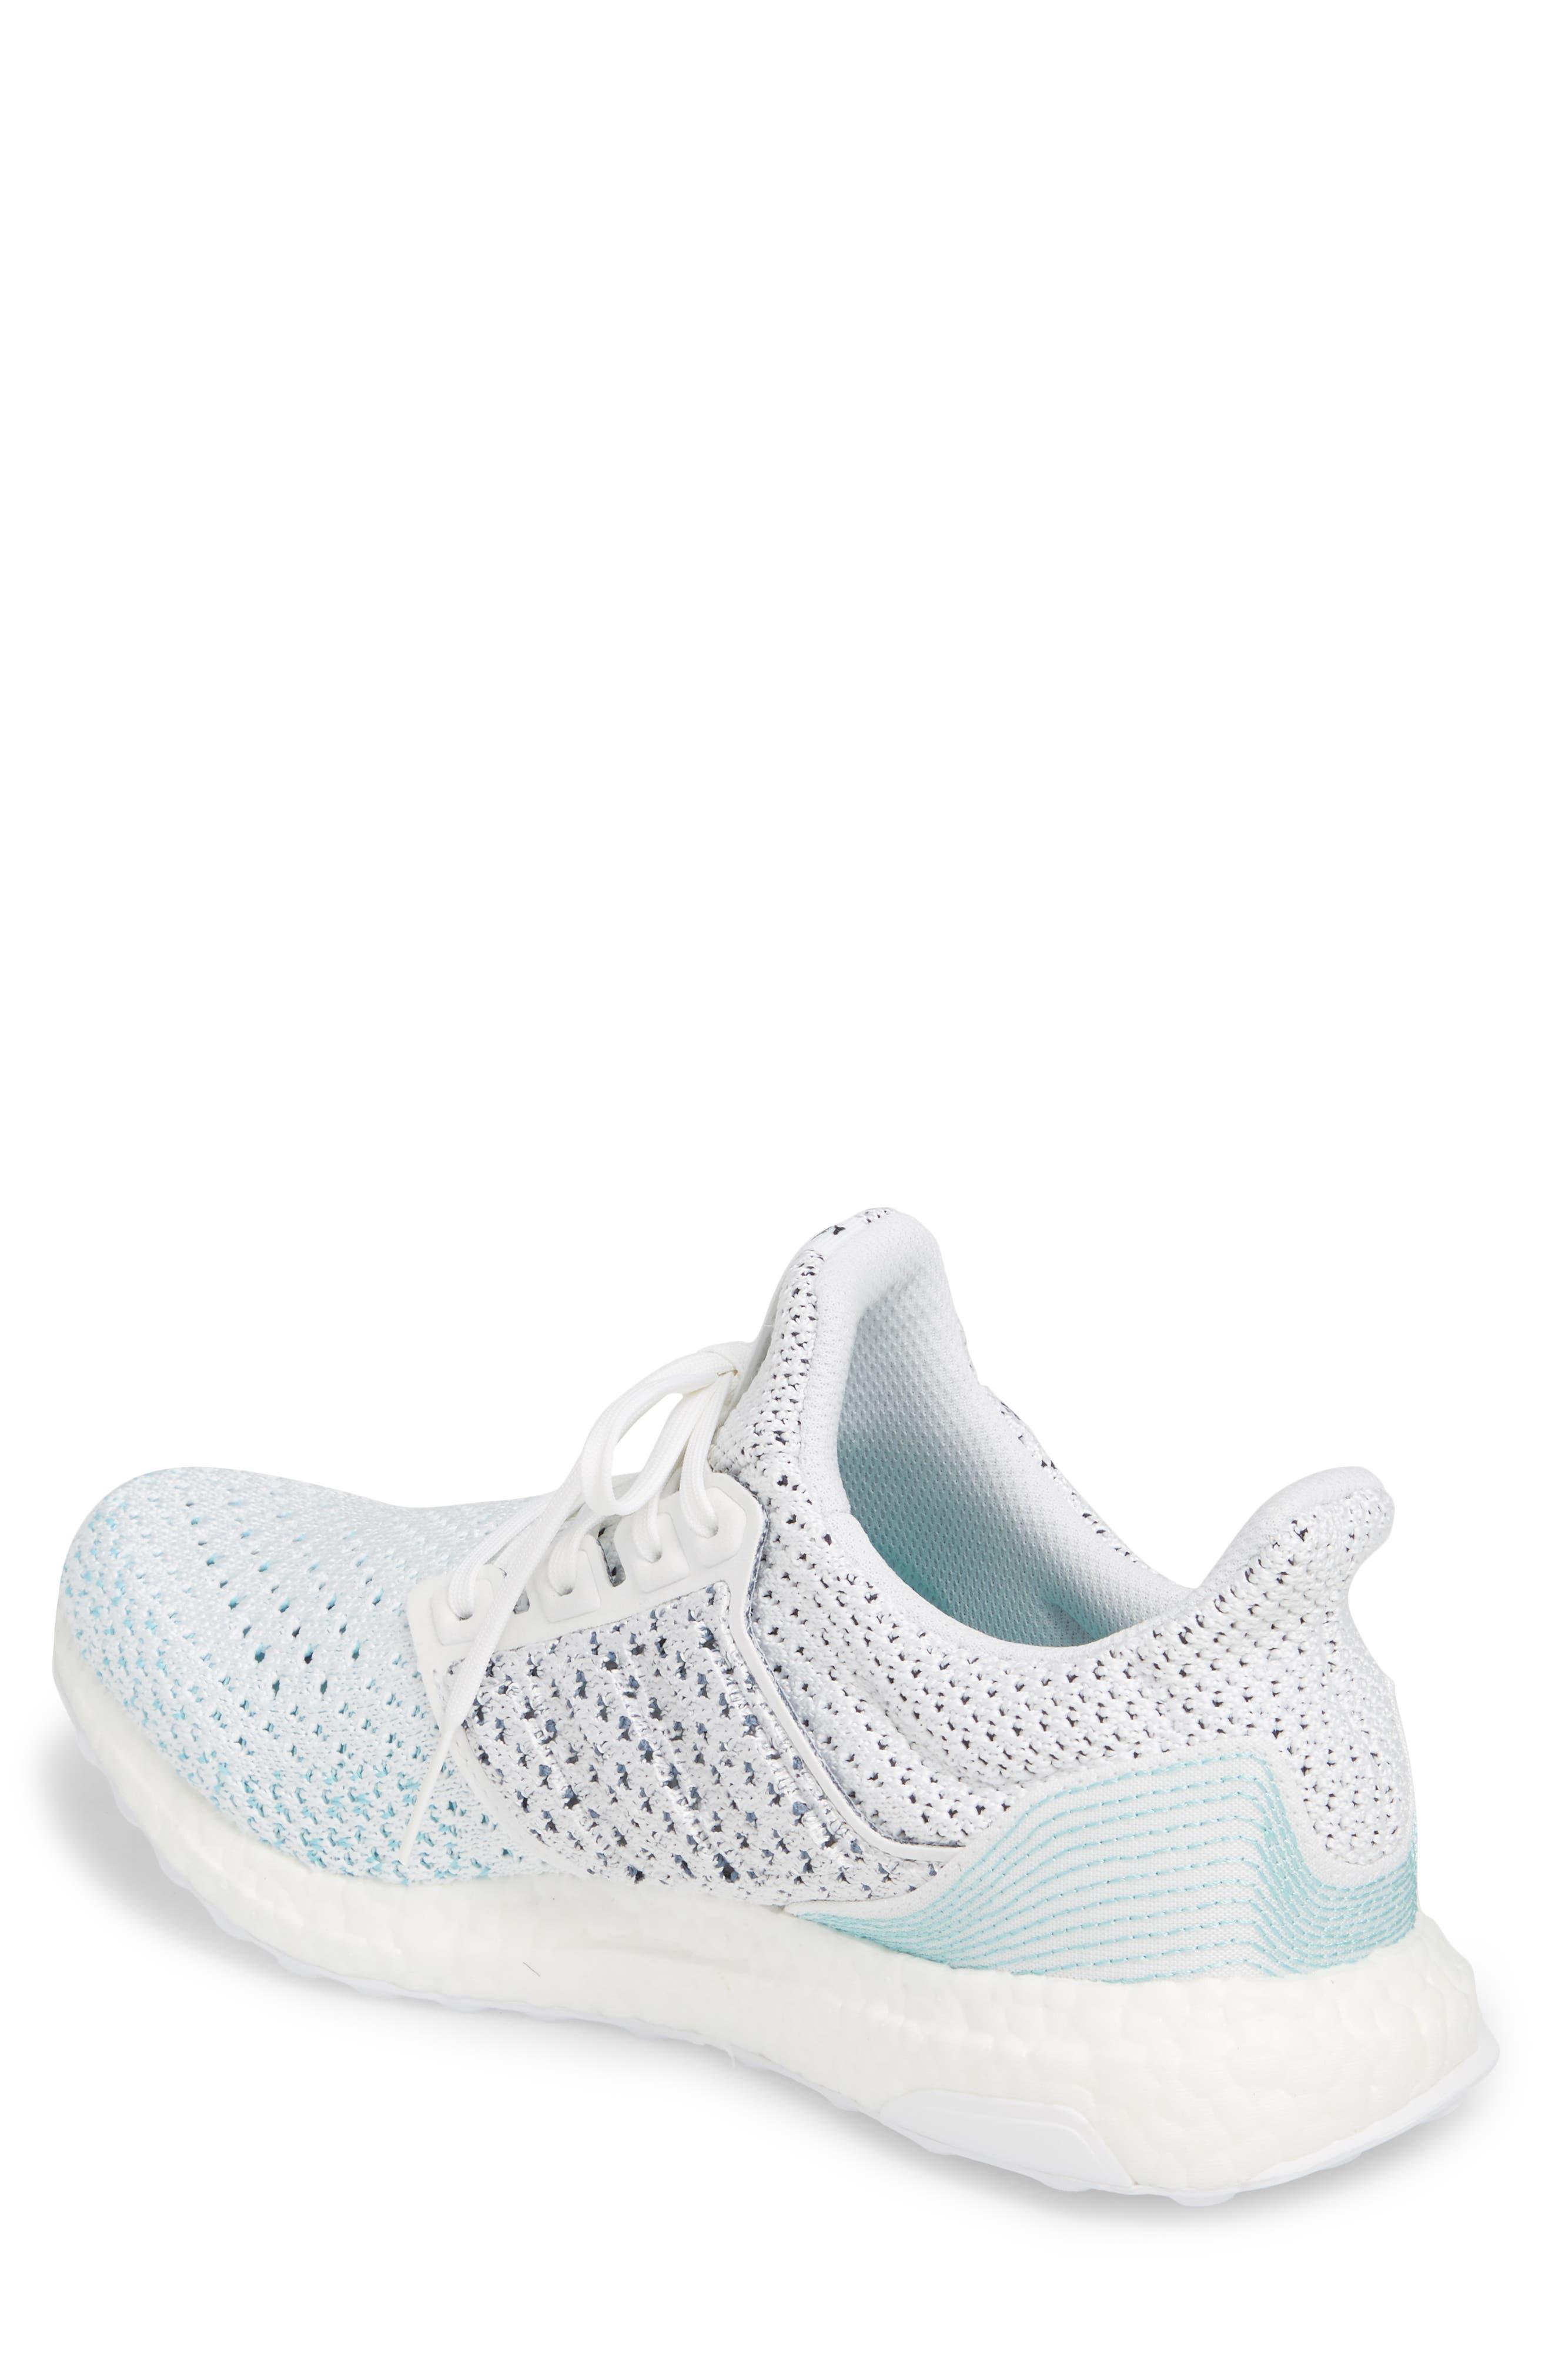 Parley UltraBoost Sneaker,                             Alternate thumbnail 2, color,                             WHITE/ BLUE SPIRIT